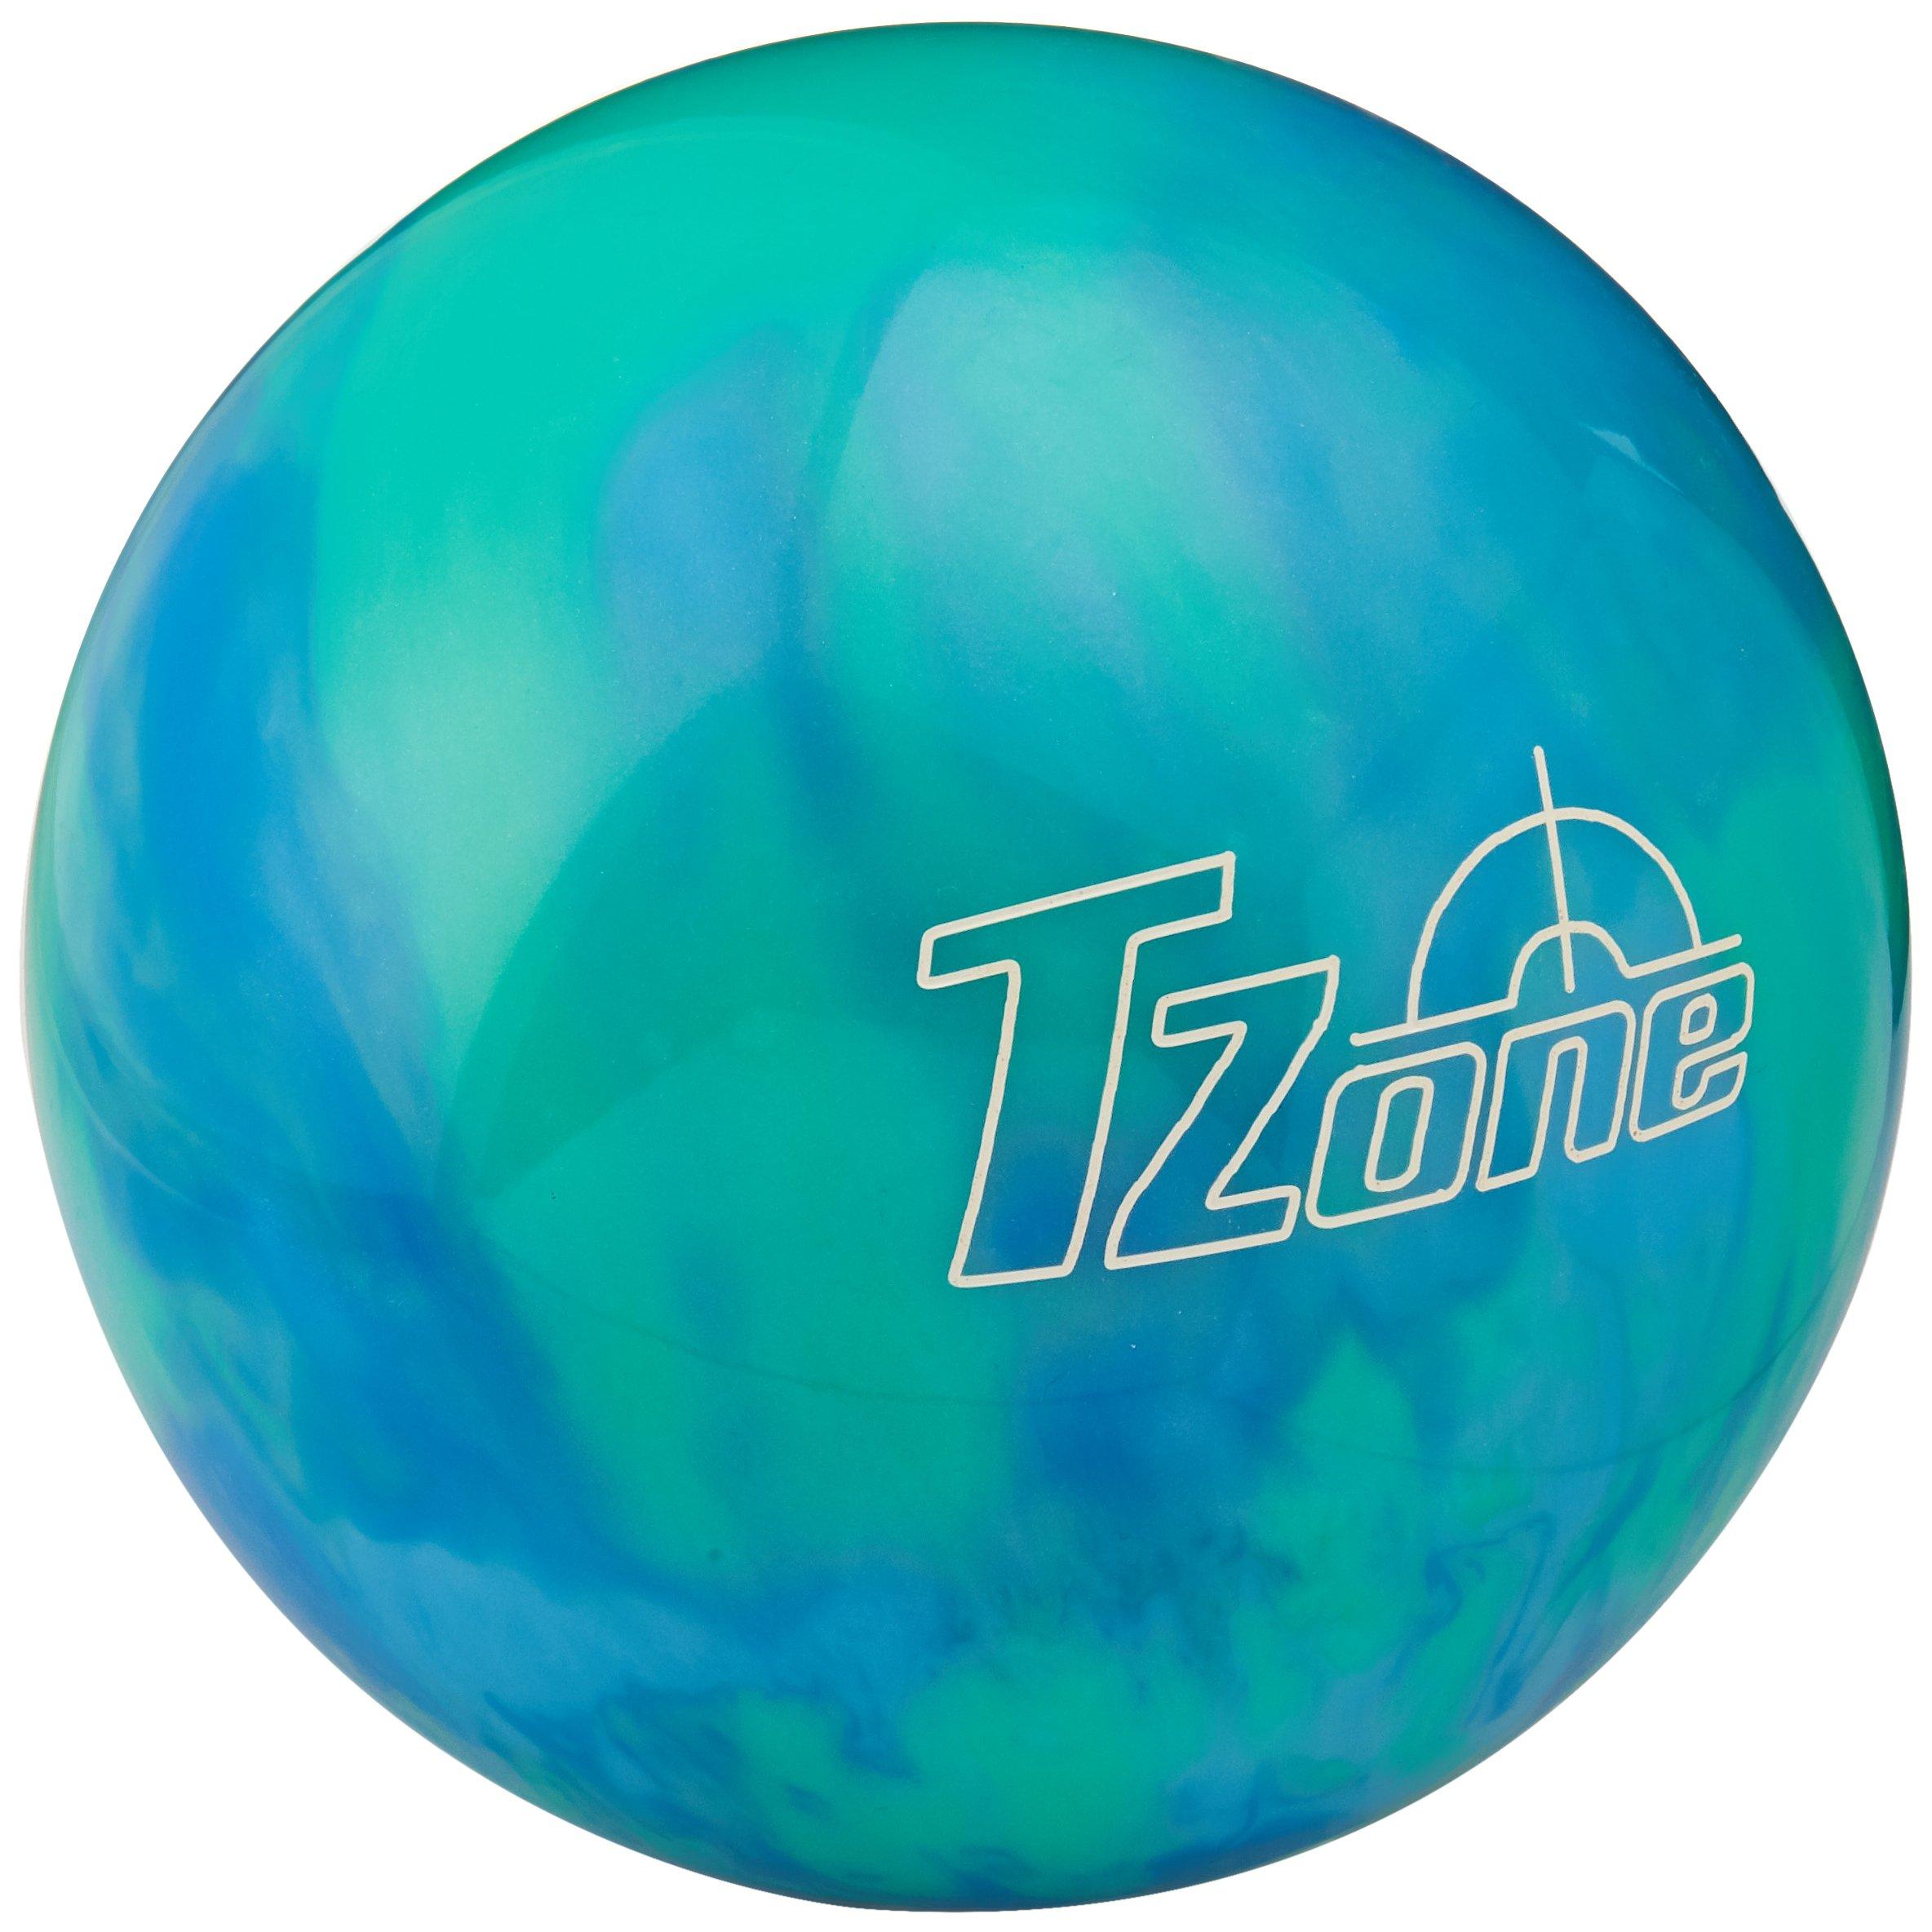 Brunswick TZone Caribbean Blue Bowling Ball (6-Pounds)